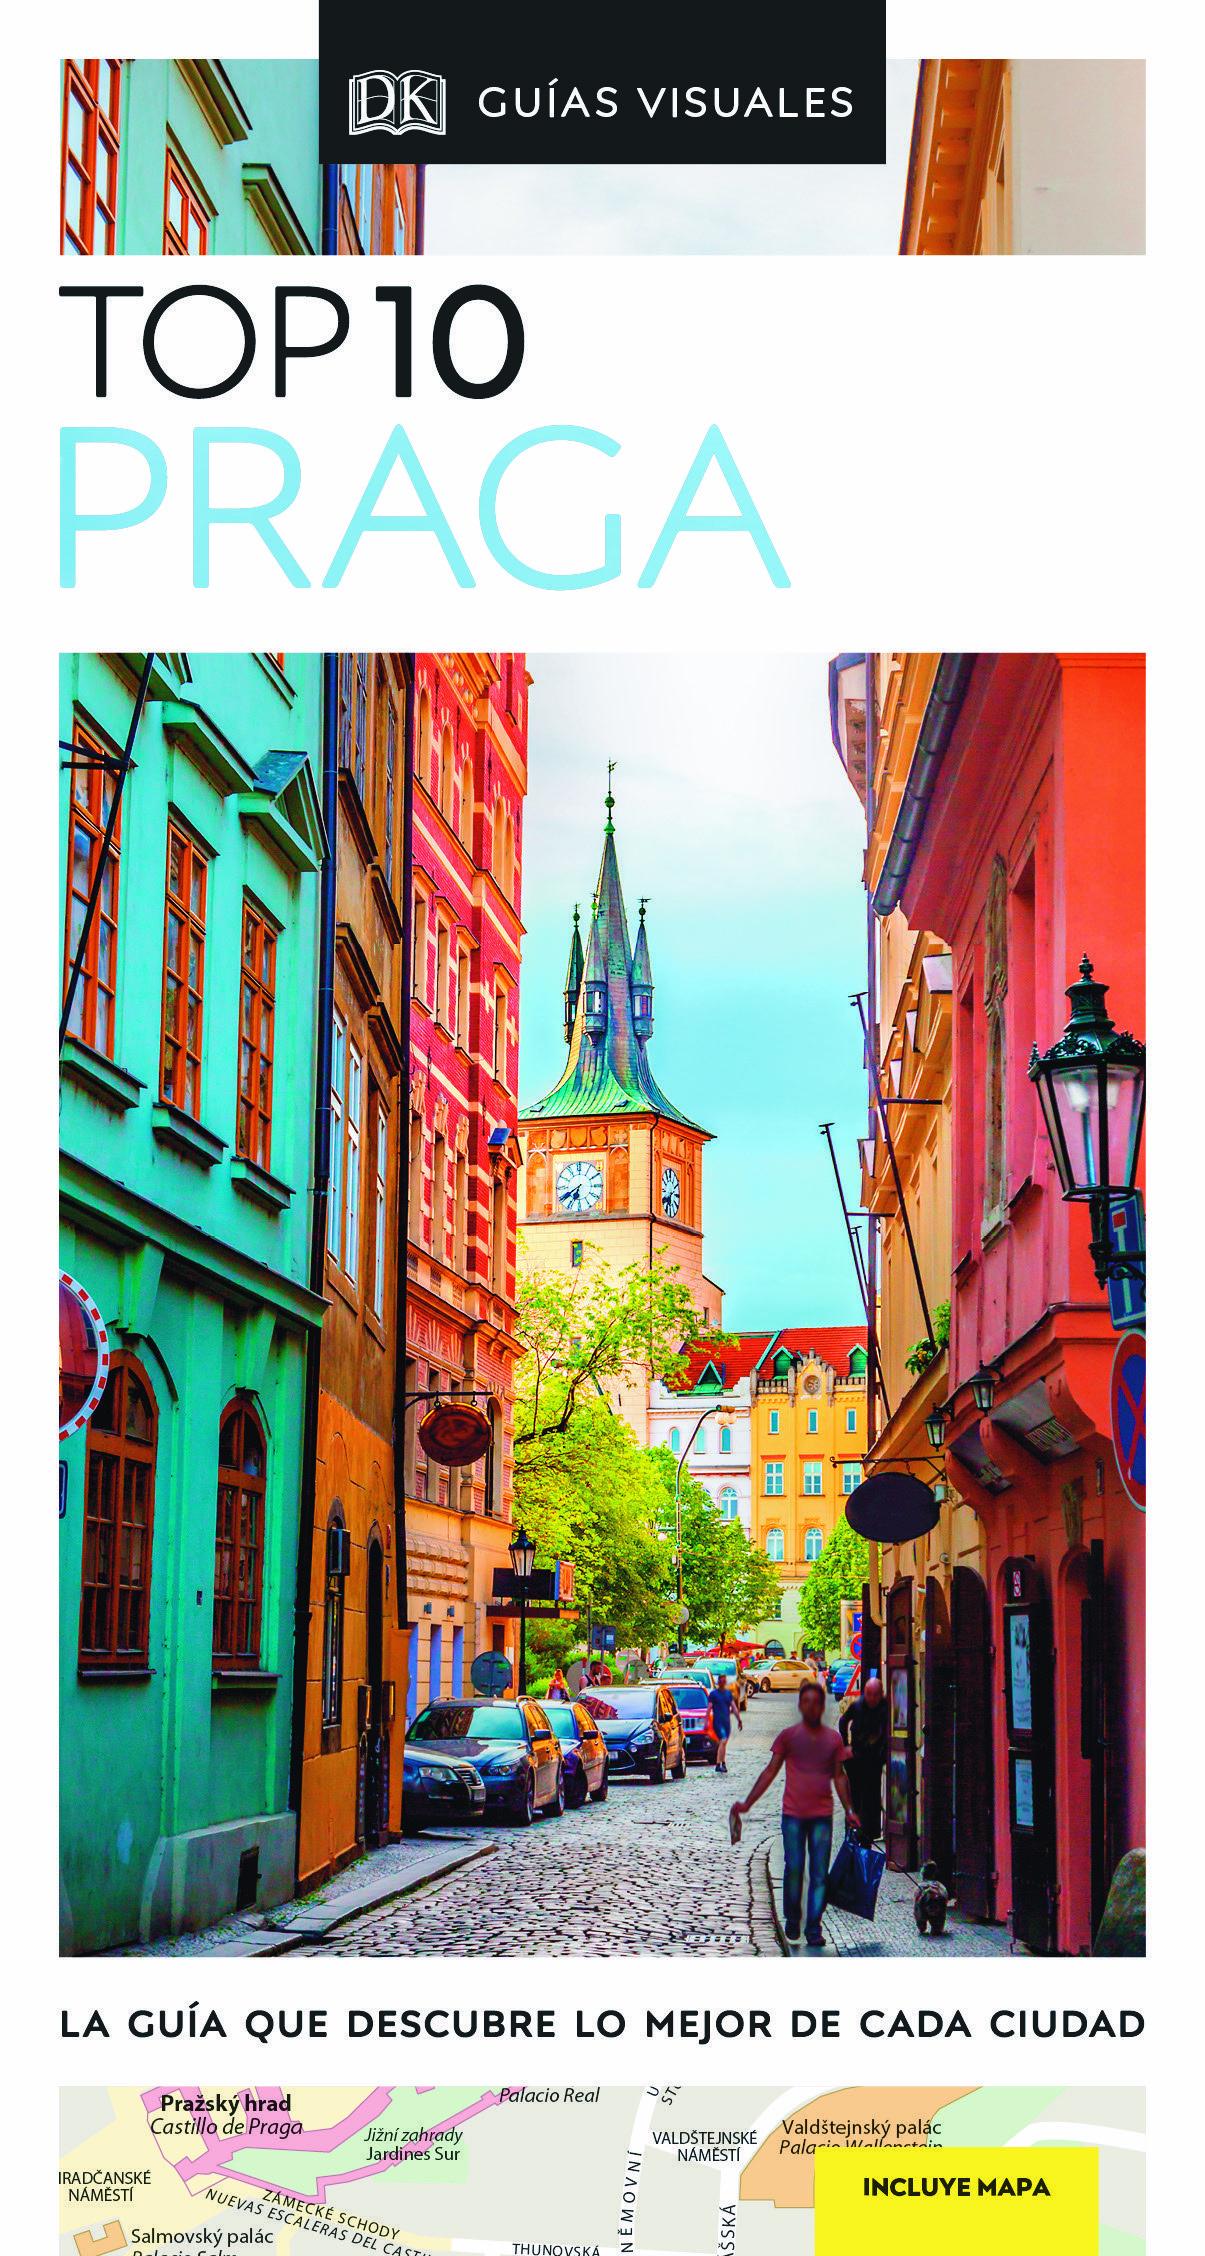 PRAGA TOP 10